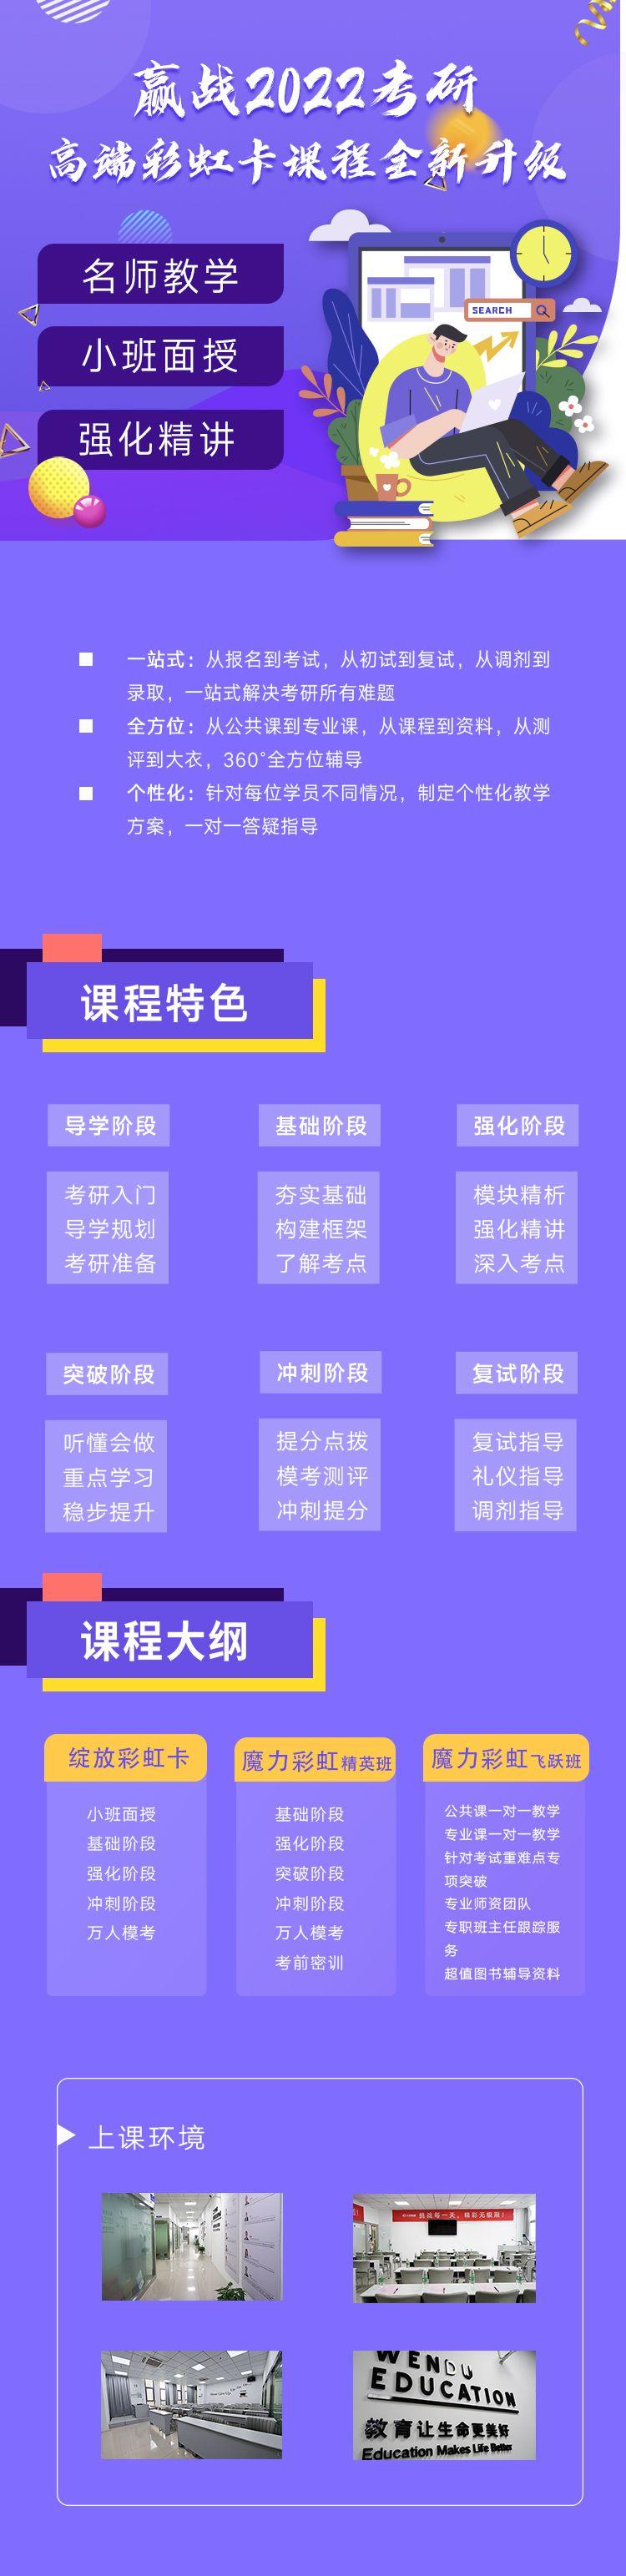 湖北文都彩虹卡课程